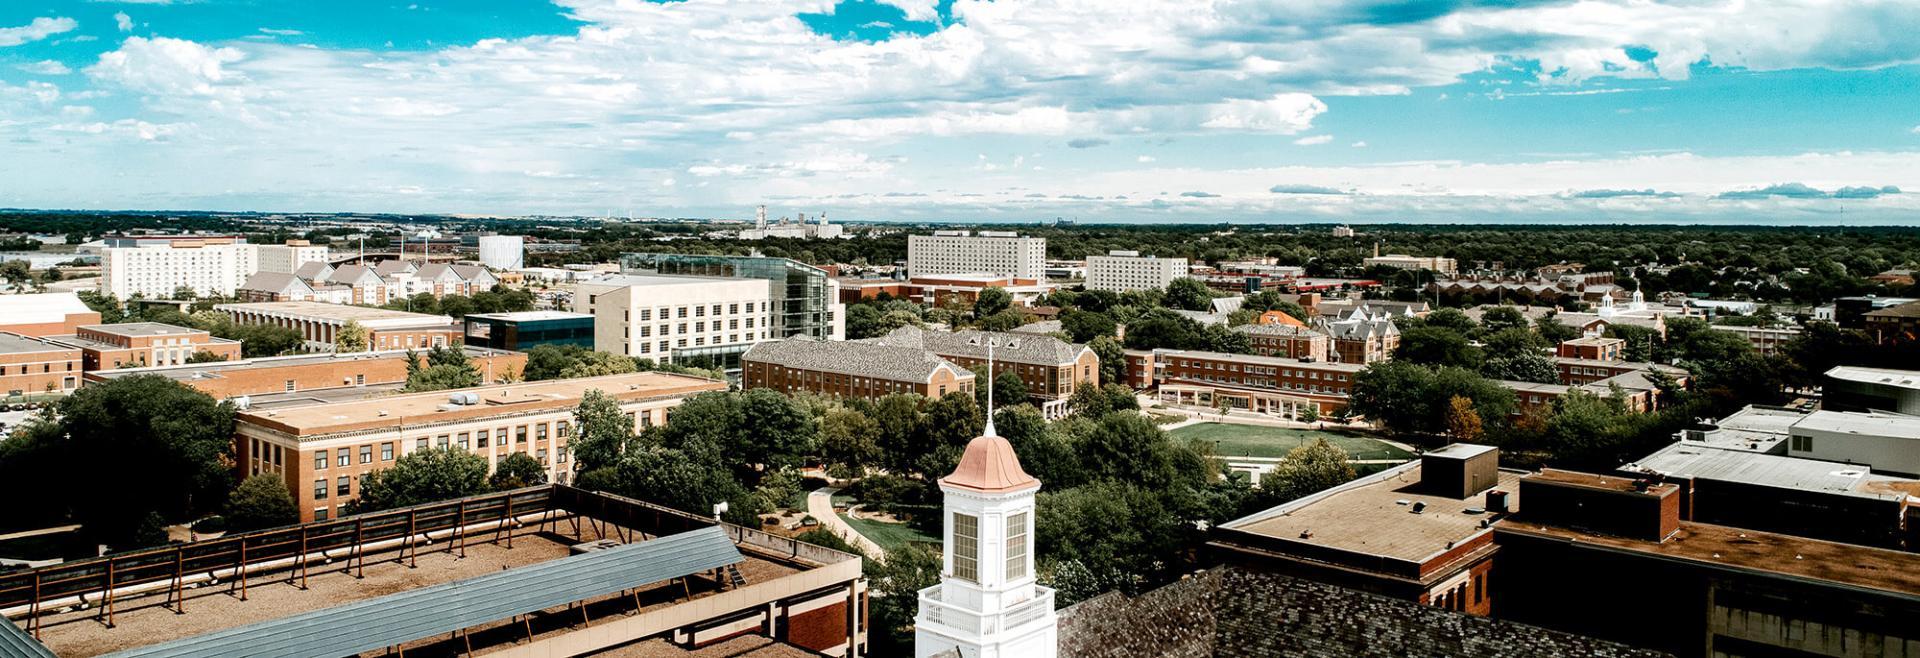 Aerial image of campus